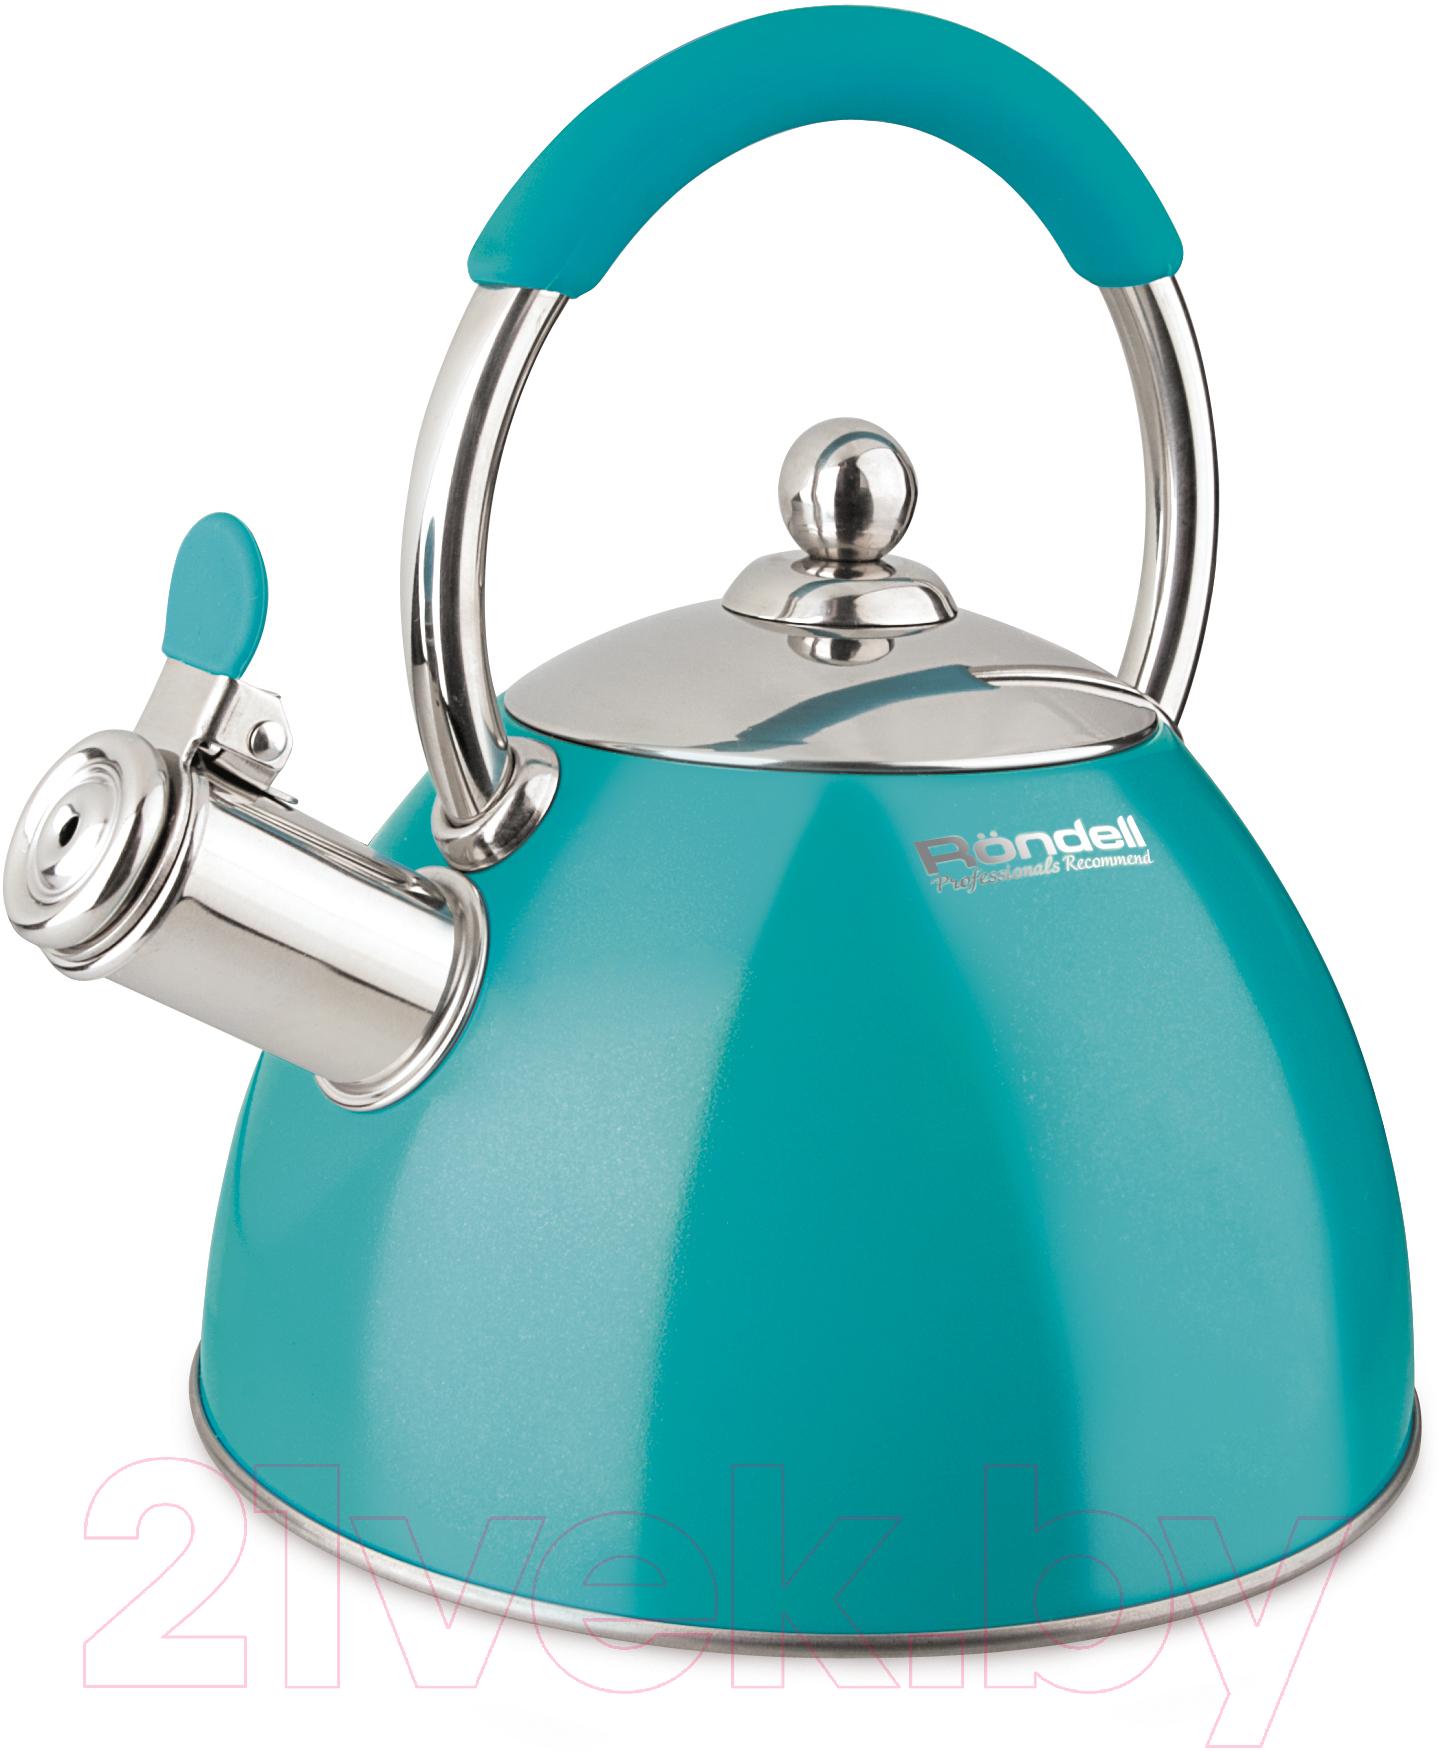 Купить Чайник со свистком Rondell, RDS-939 (бирюзовый), Китай, голубой